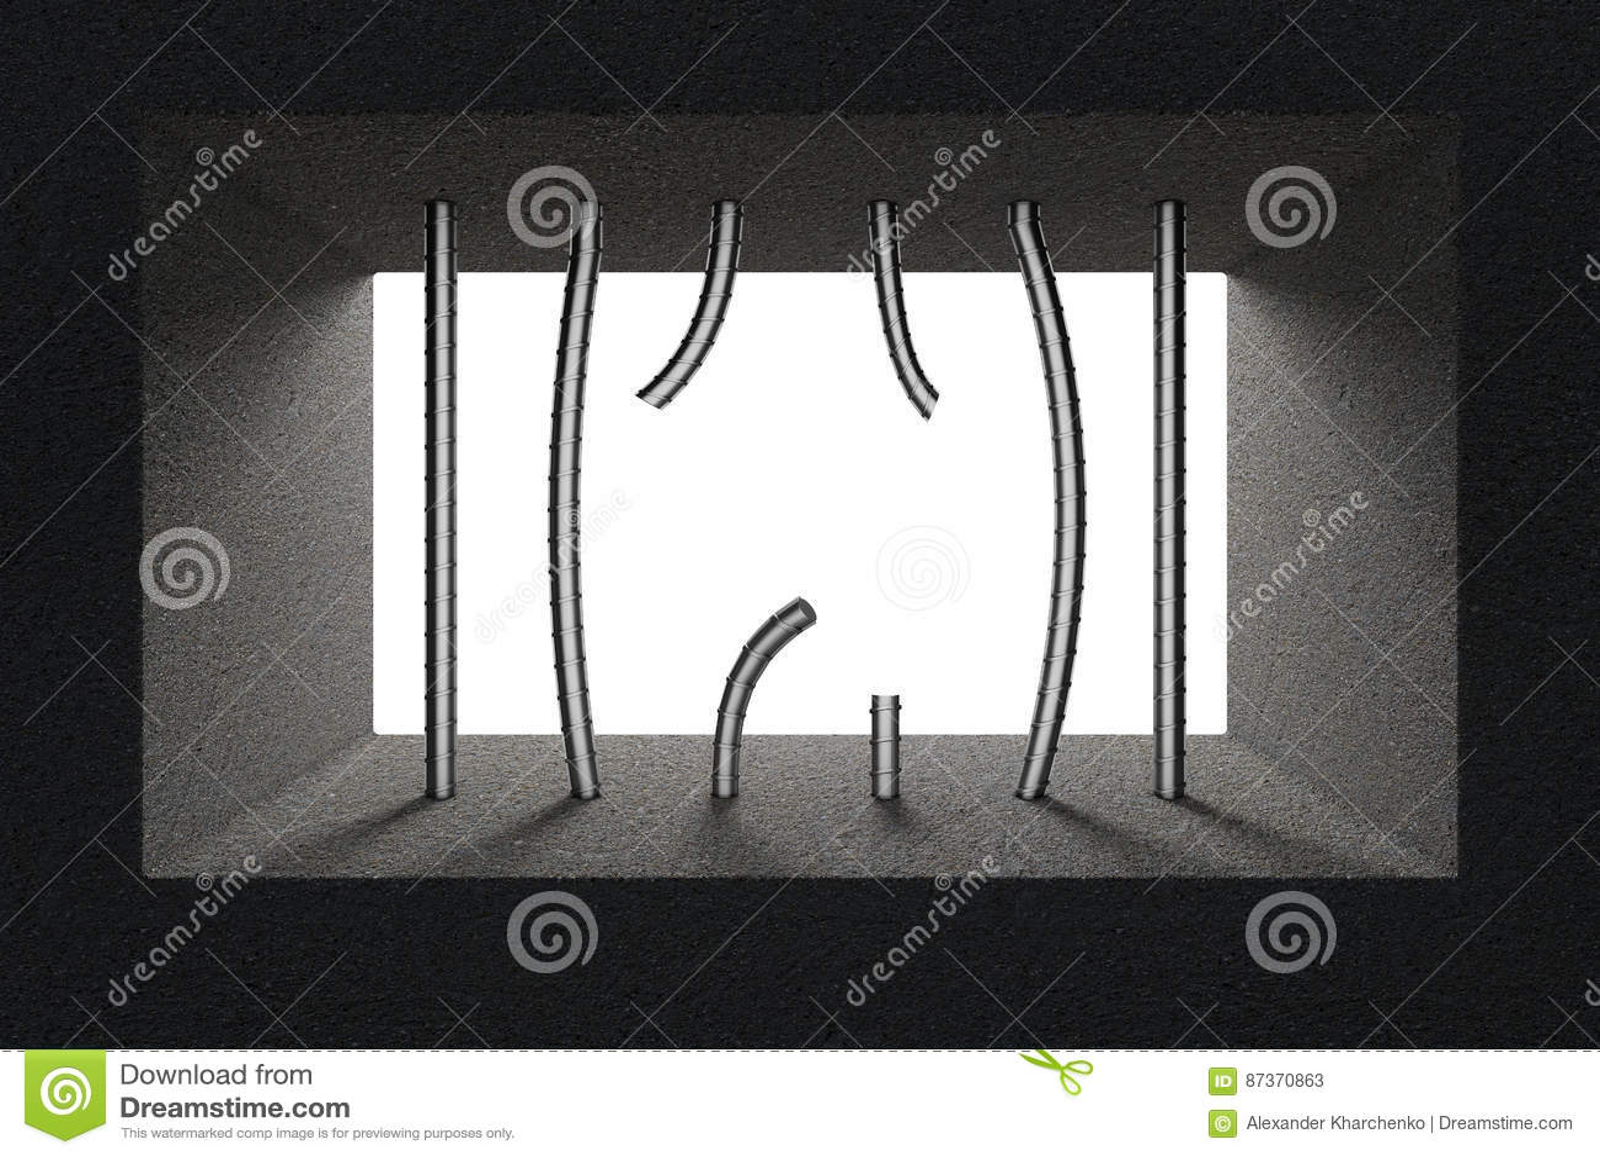 Defekte Gefängnis-Stangen Im Gefängnis-Fenster Wiedergabe 3d Stock ...